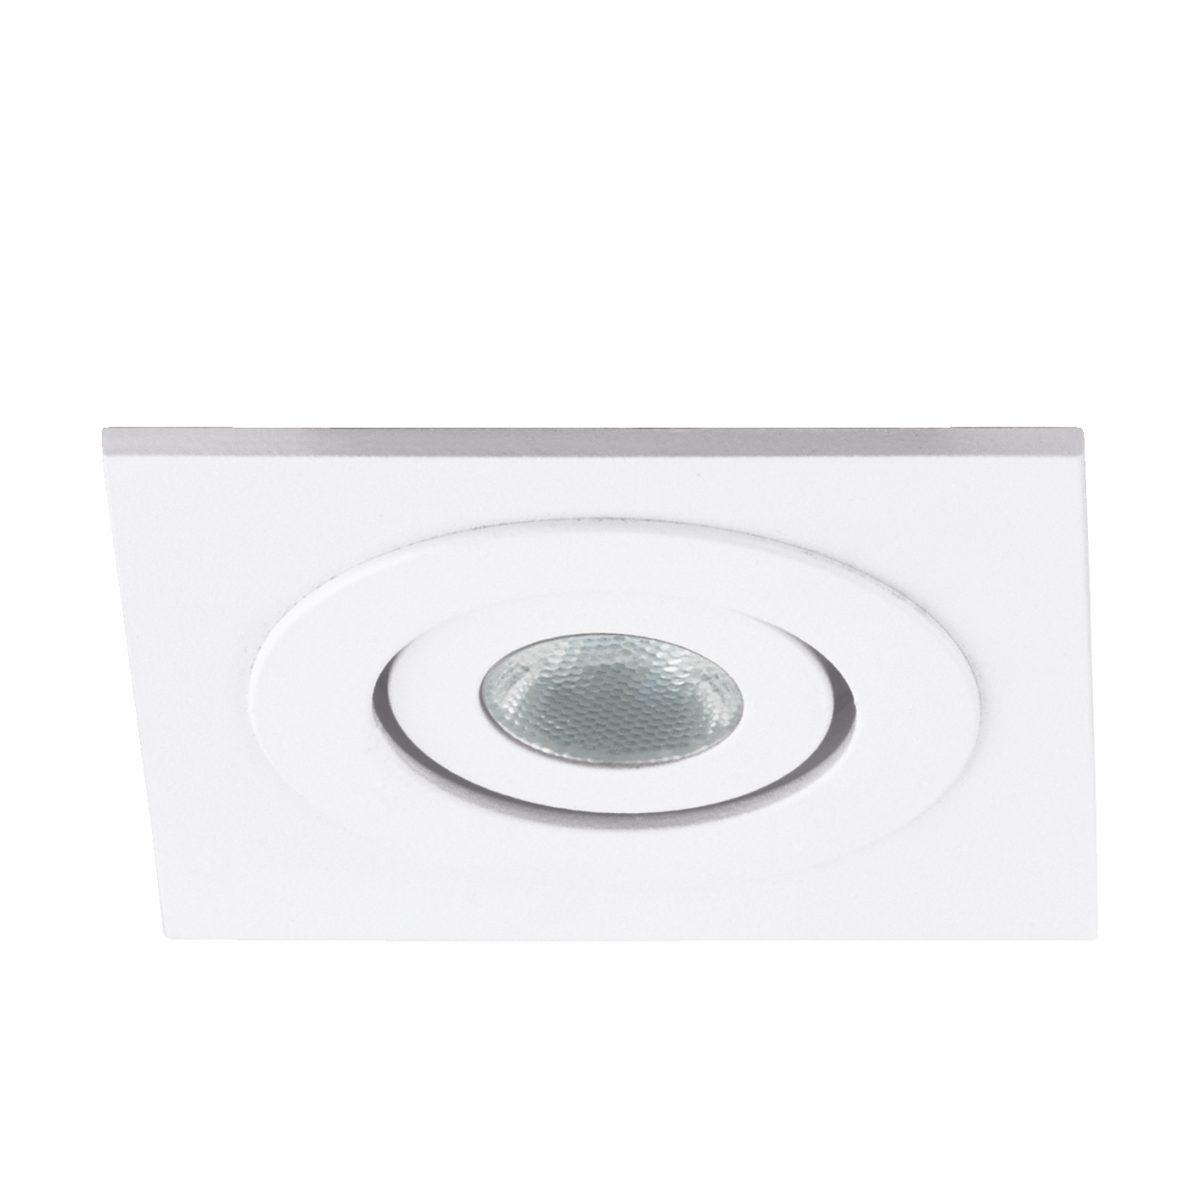 Светильник настенно-потолочный PROFESSIONAL LIGHTI EGLO 61242 - Фото №28